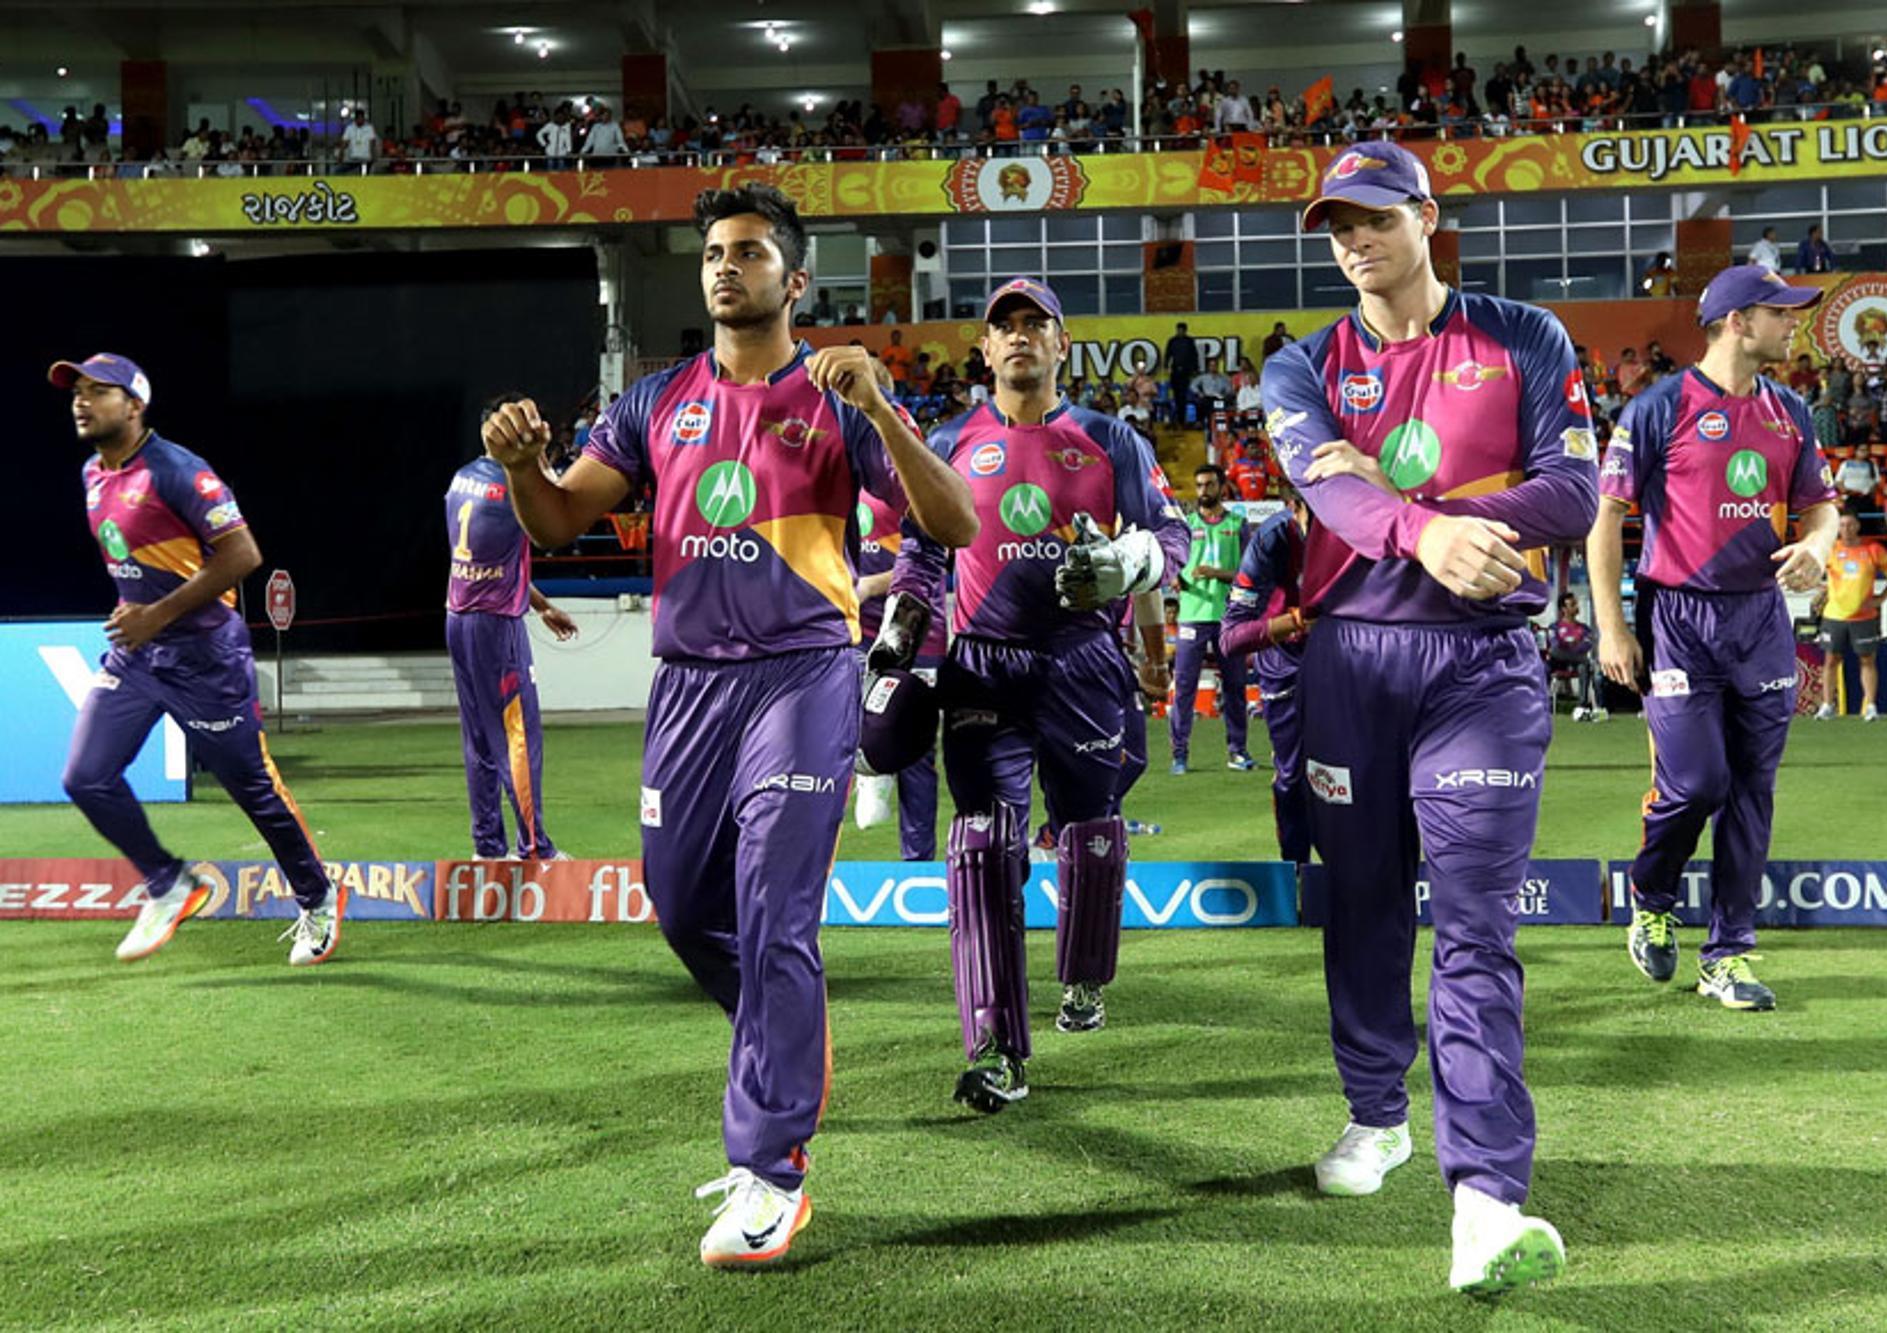 लगातार तीसरी हार के बाद पुणे के कप्तान स्टीव स्मिथ ने इन्हें ठहराया हार का ज़िम्मेदार